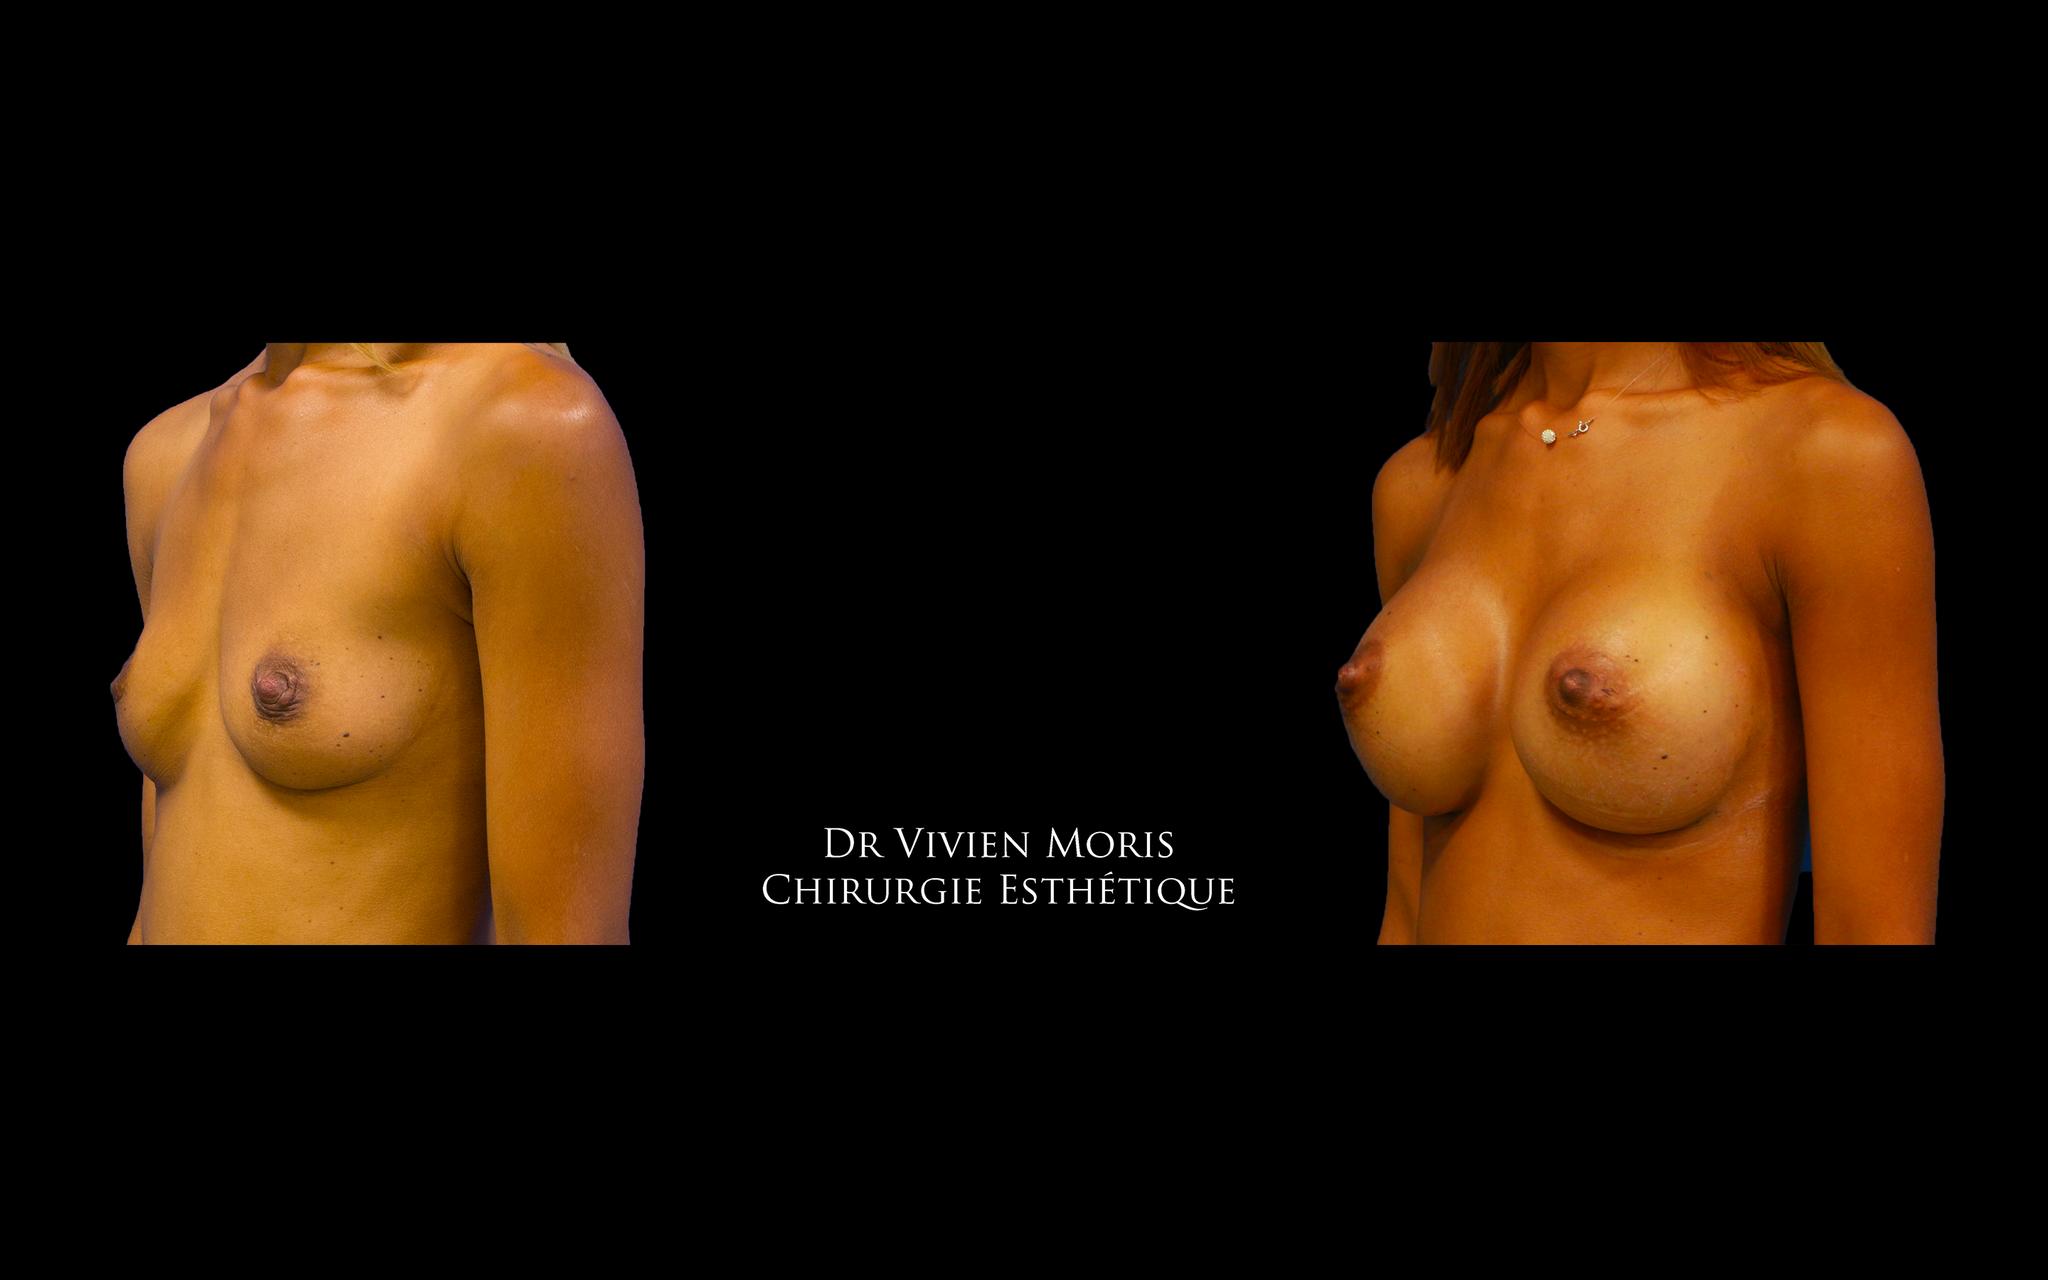 Prothèses mammaires / Dr Vivien Moris